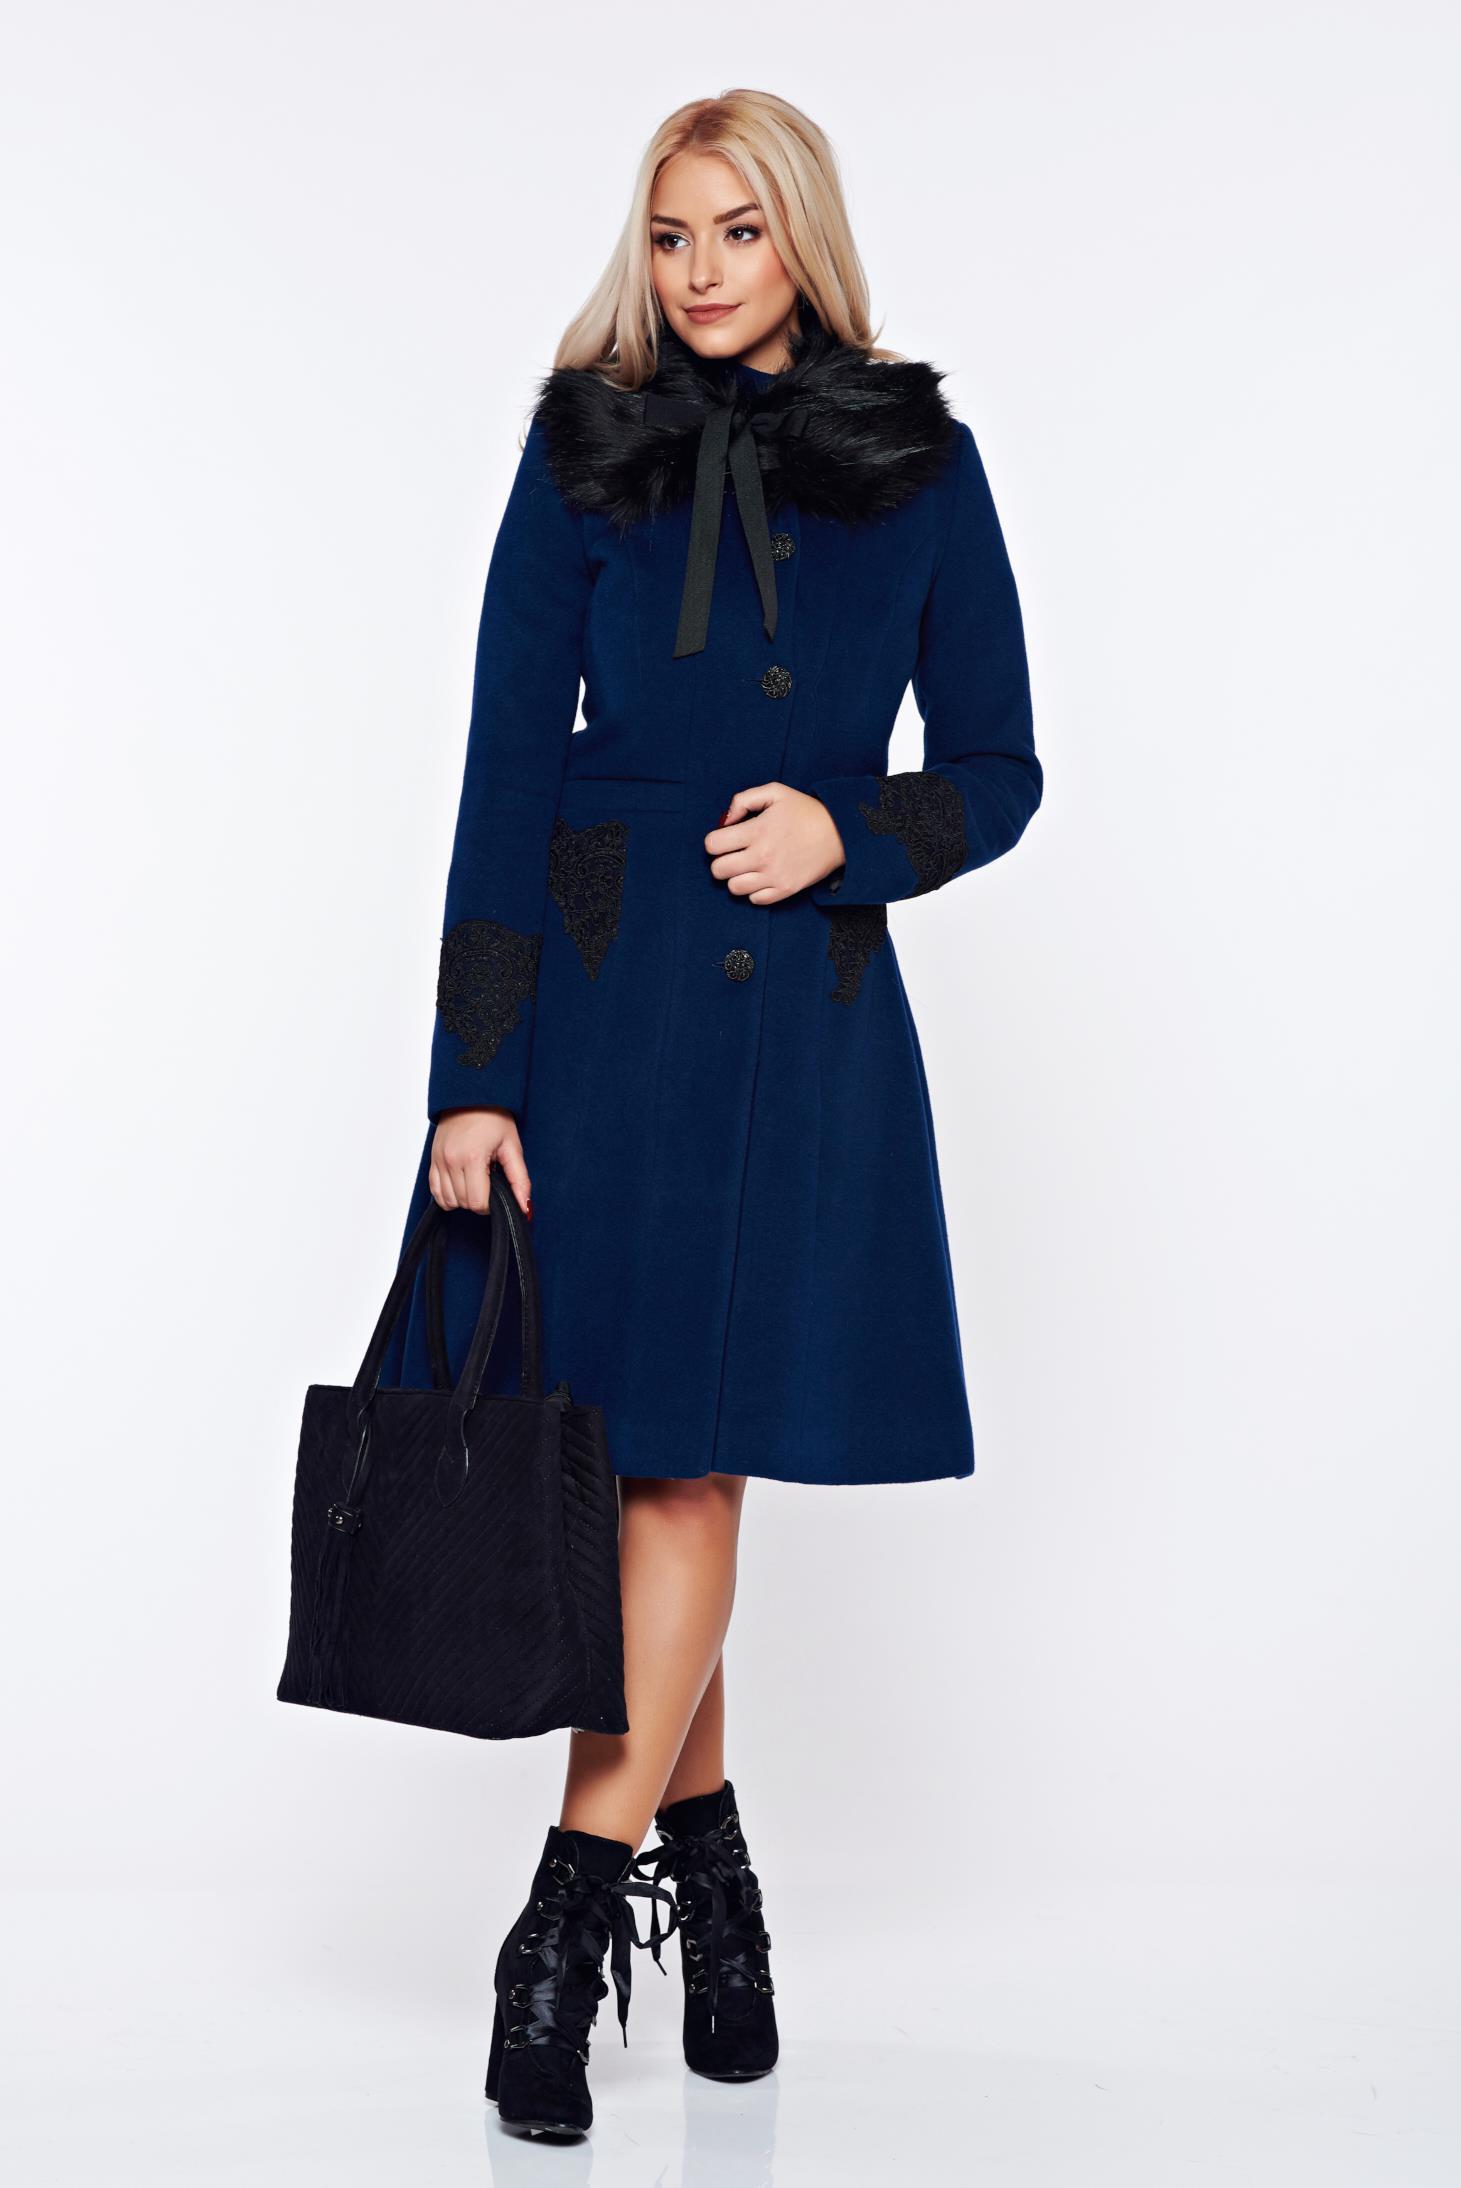 Palton LaDonna albastru-inchis best impulse elegant din lana brodat captusit pe interior